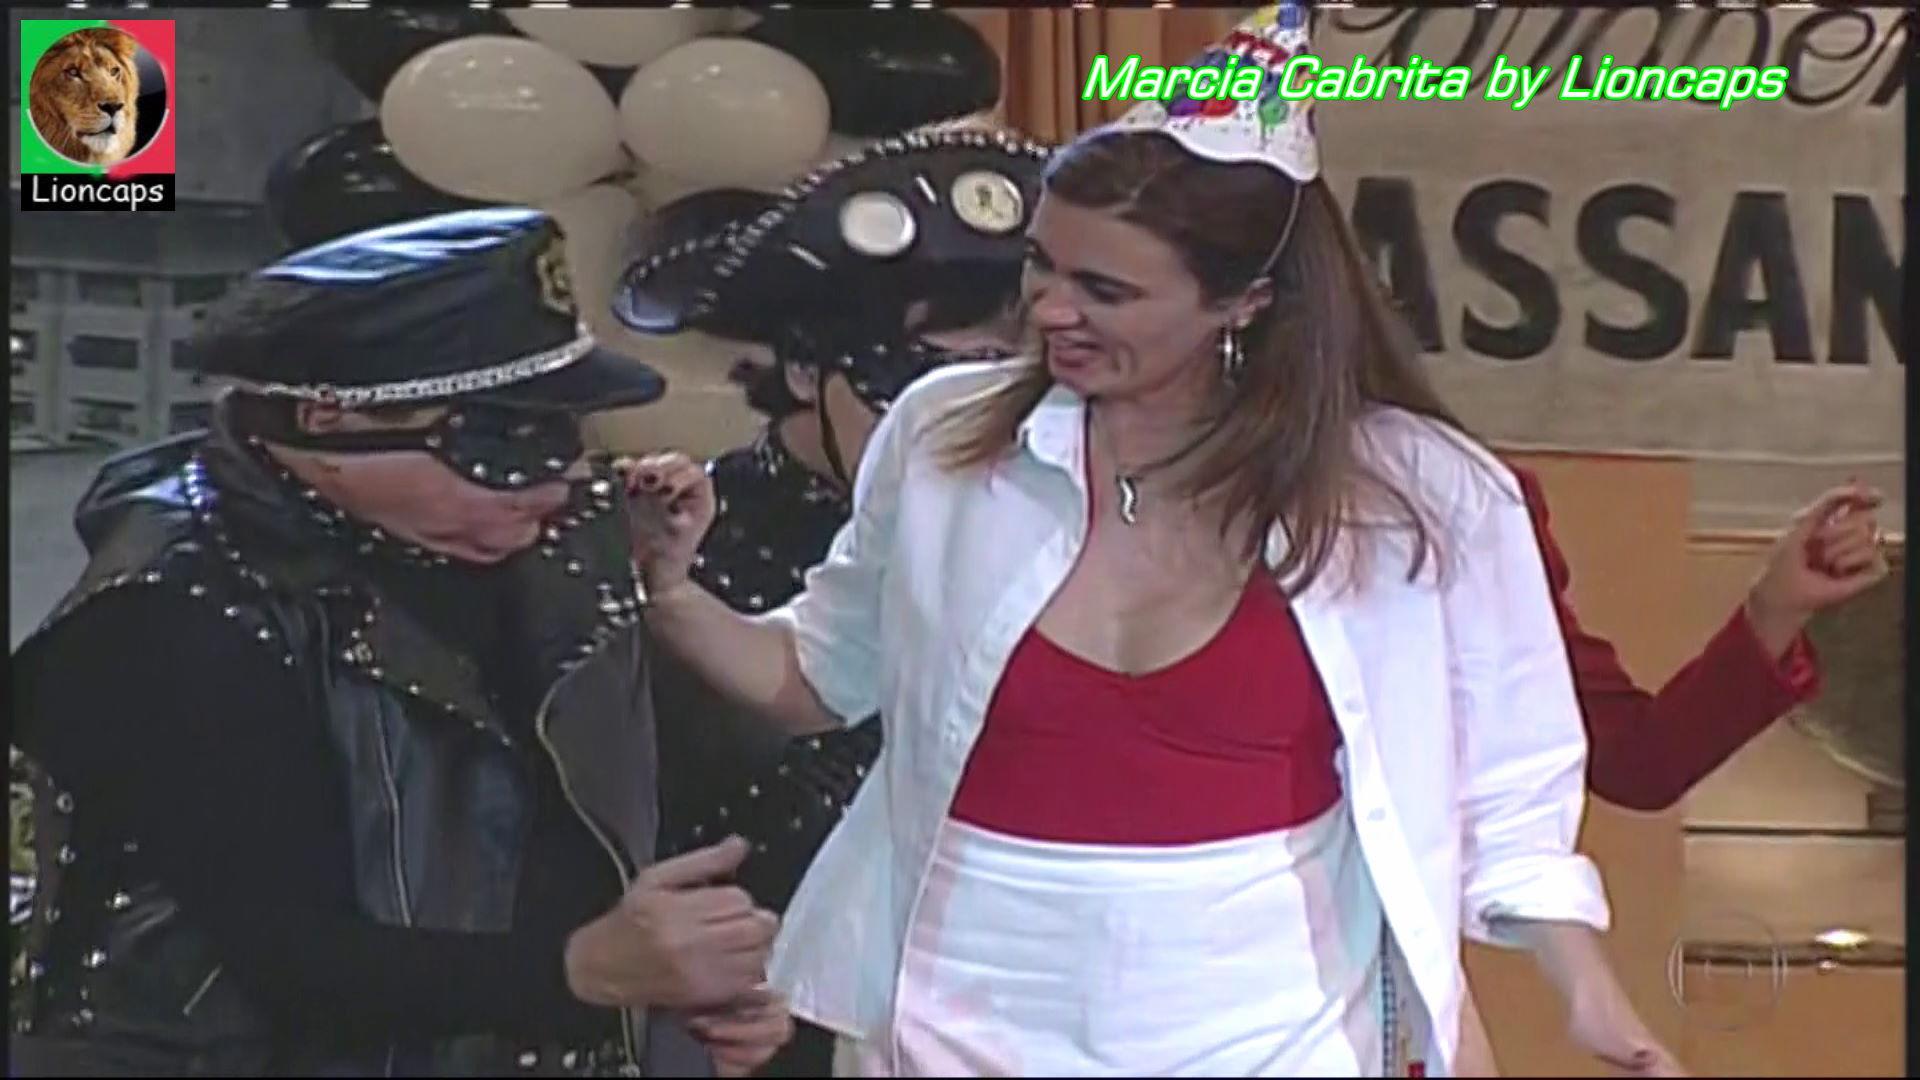 793181349_marcia_cabrita_vs180101_0171_122_550lo.JPG